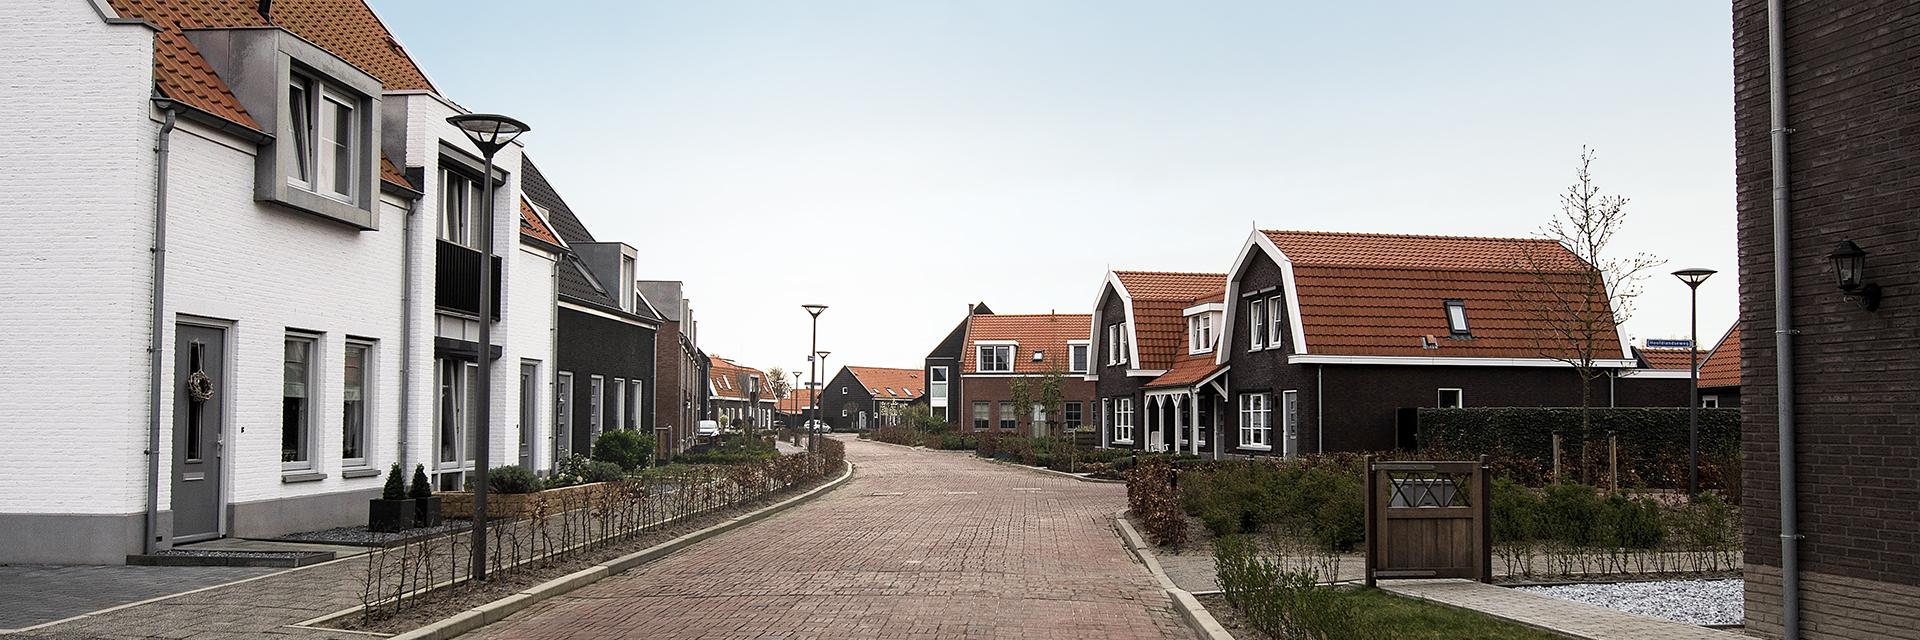 Welgelegen (Ouddorp) woningbouw - straatbeeld panorama